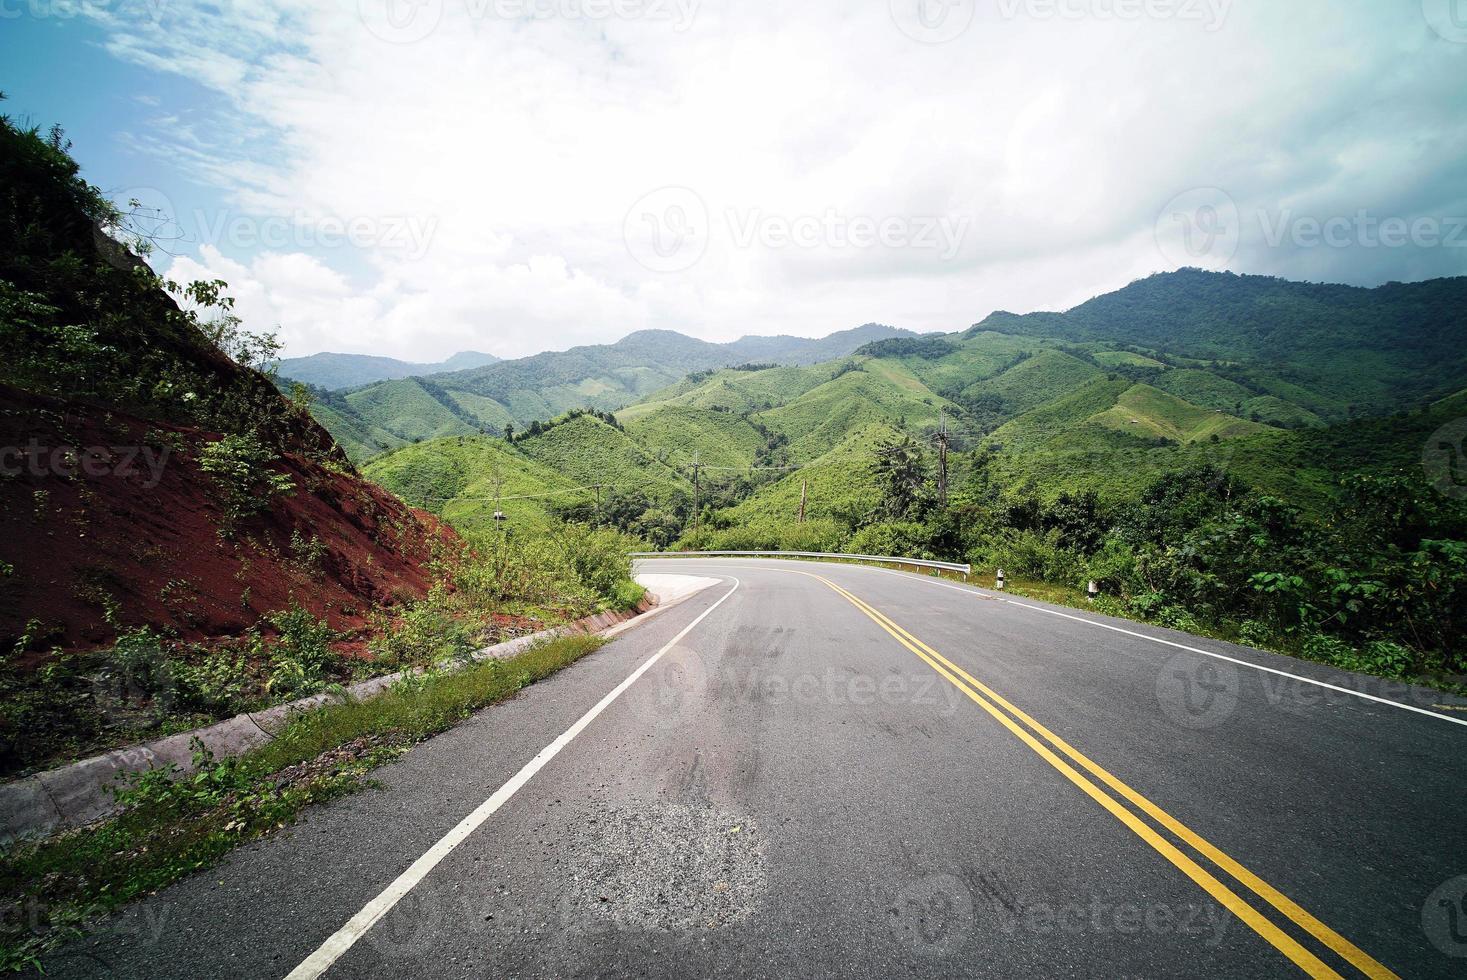 strada di campagna sulla montagna foto